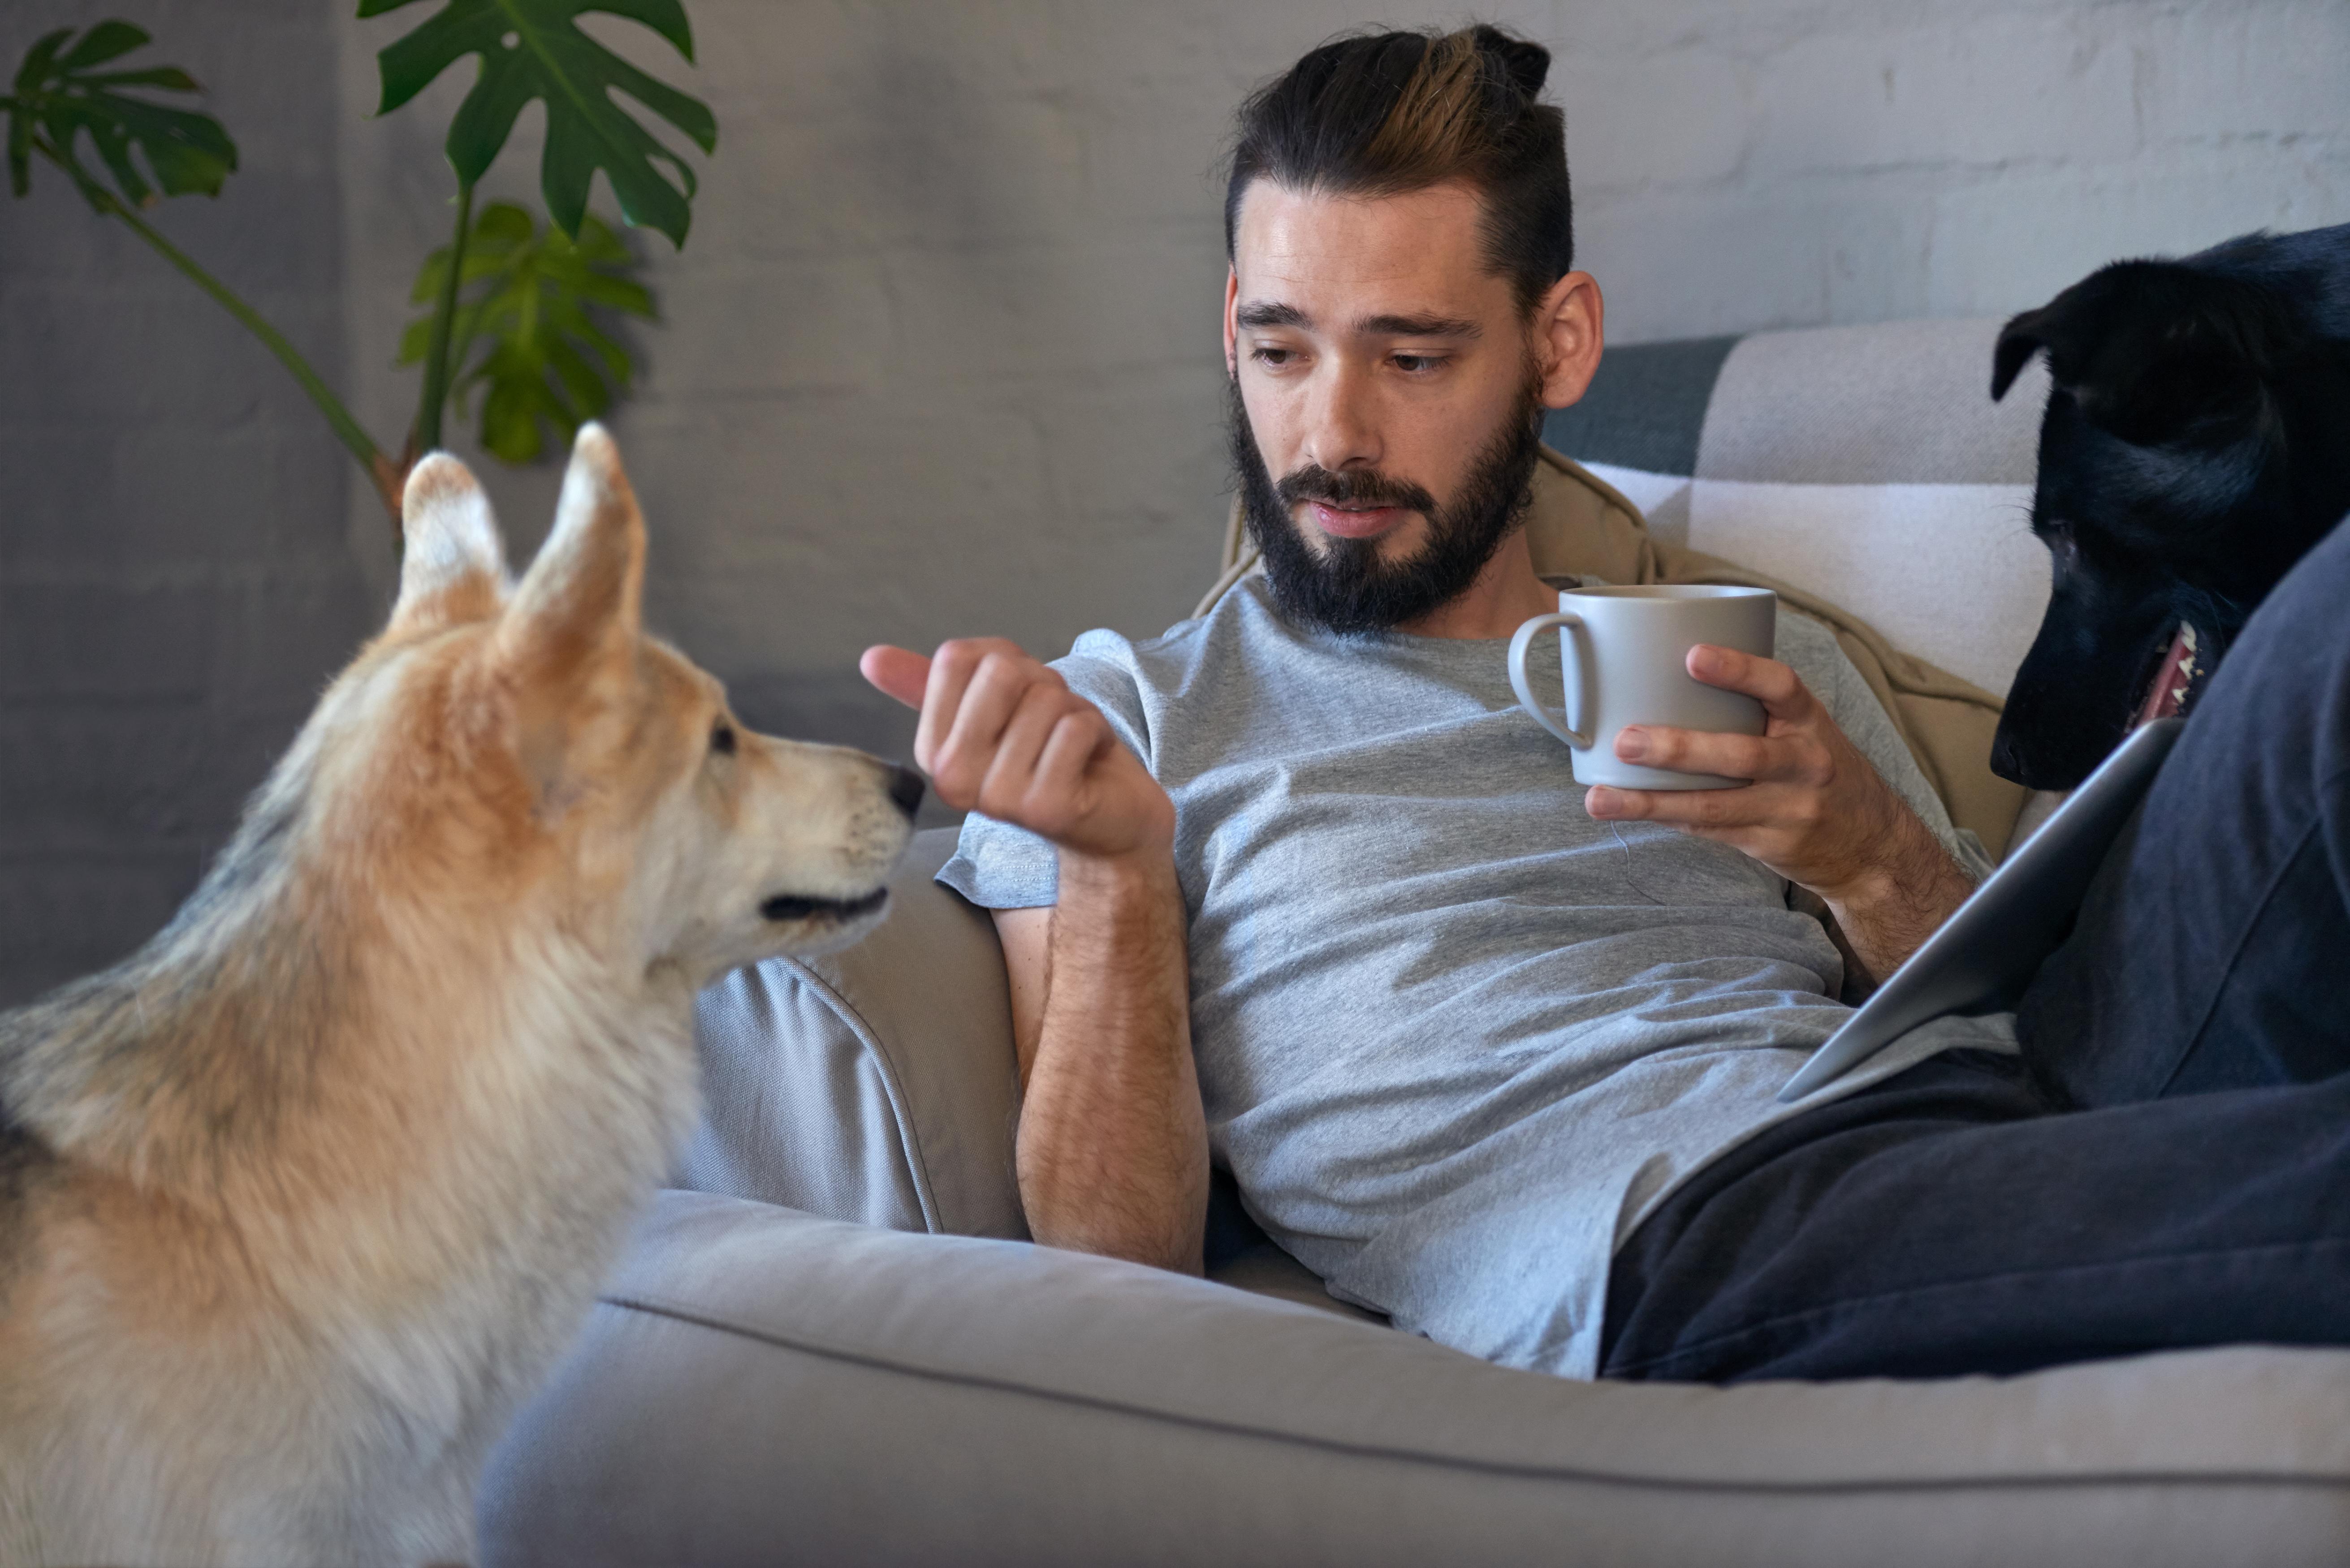 Studien visar att det finns ett specifikt område i hundens hjärna som är dedikerat till att förstå oss människor.